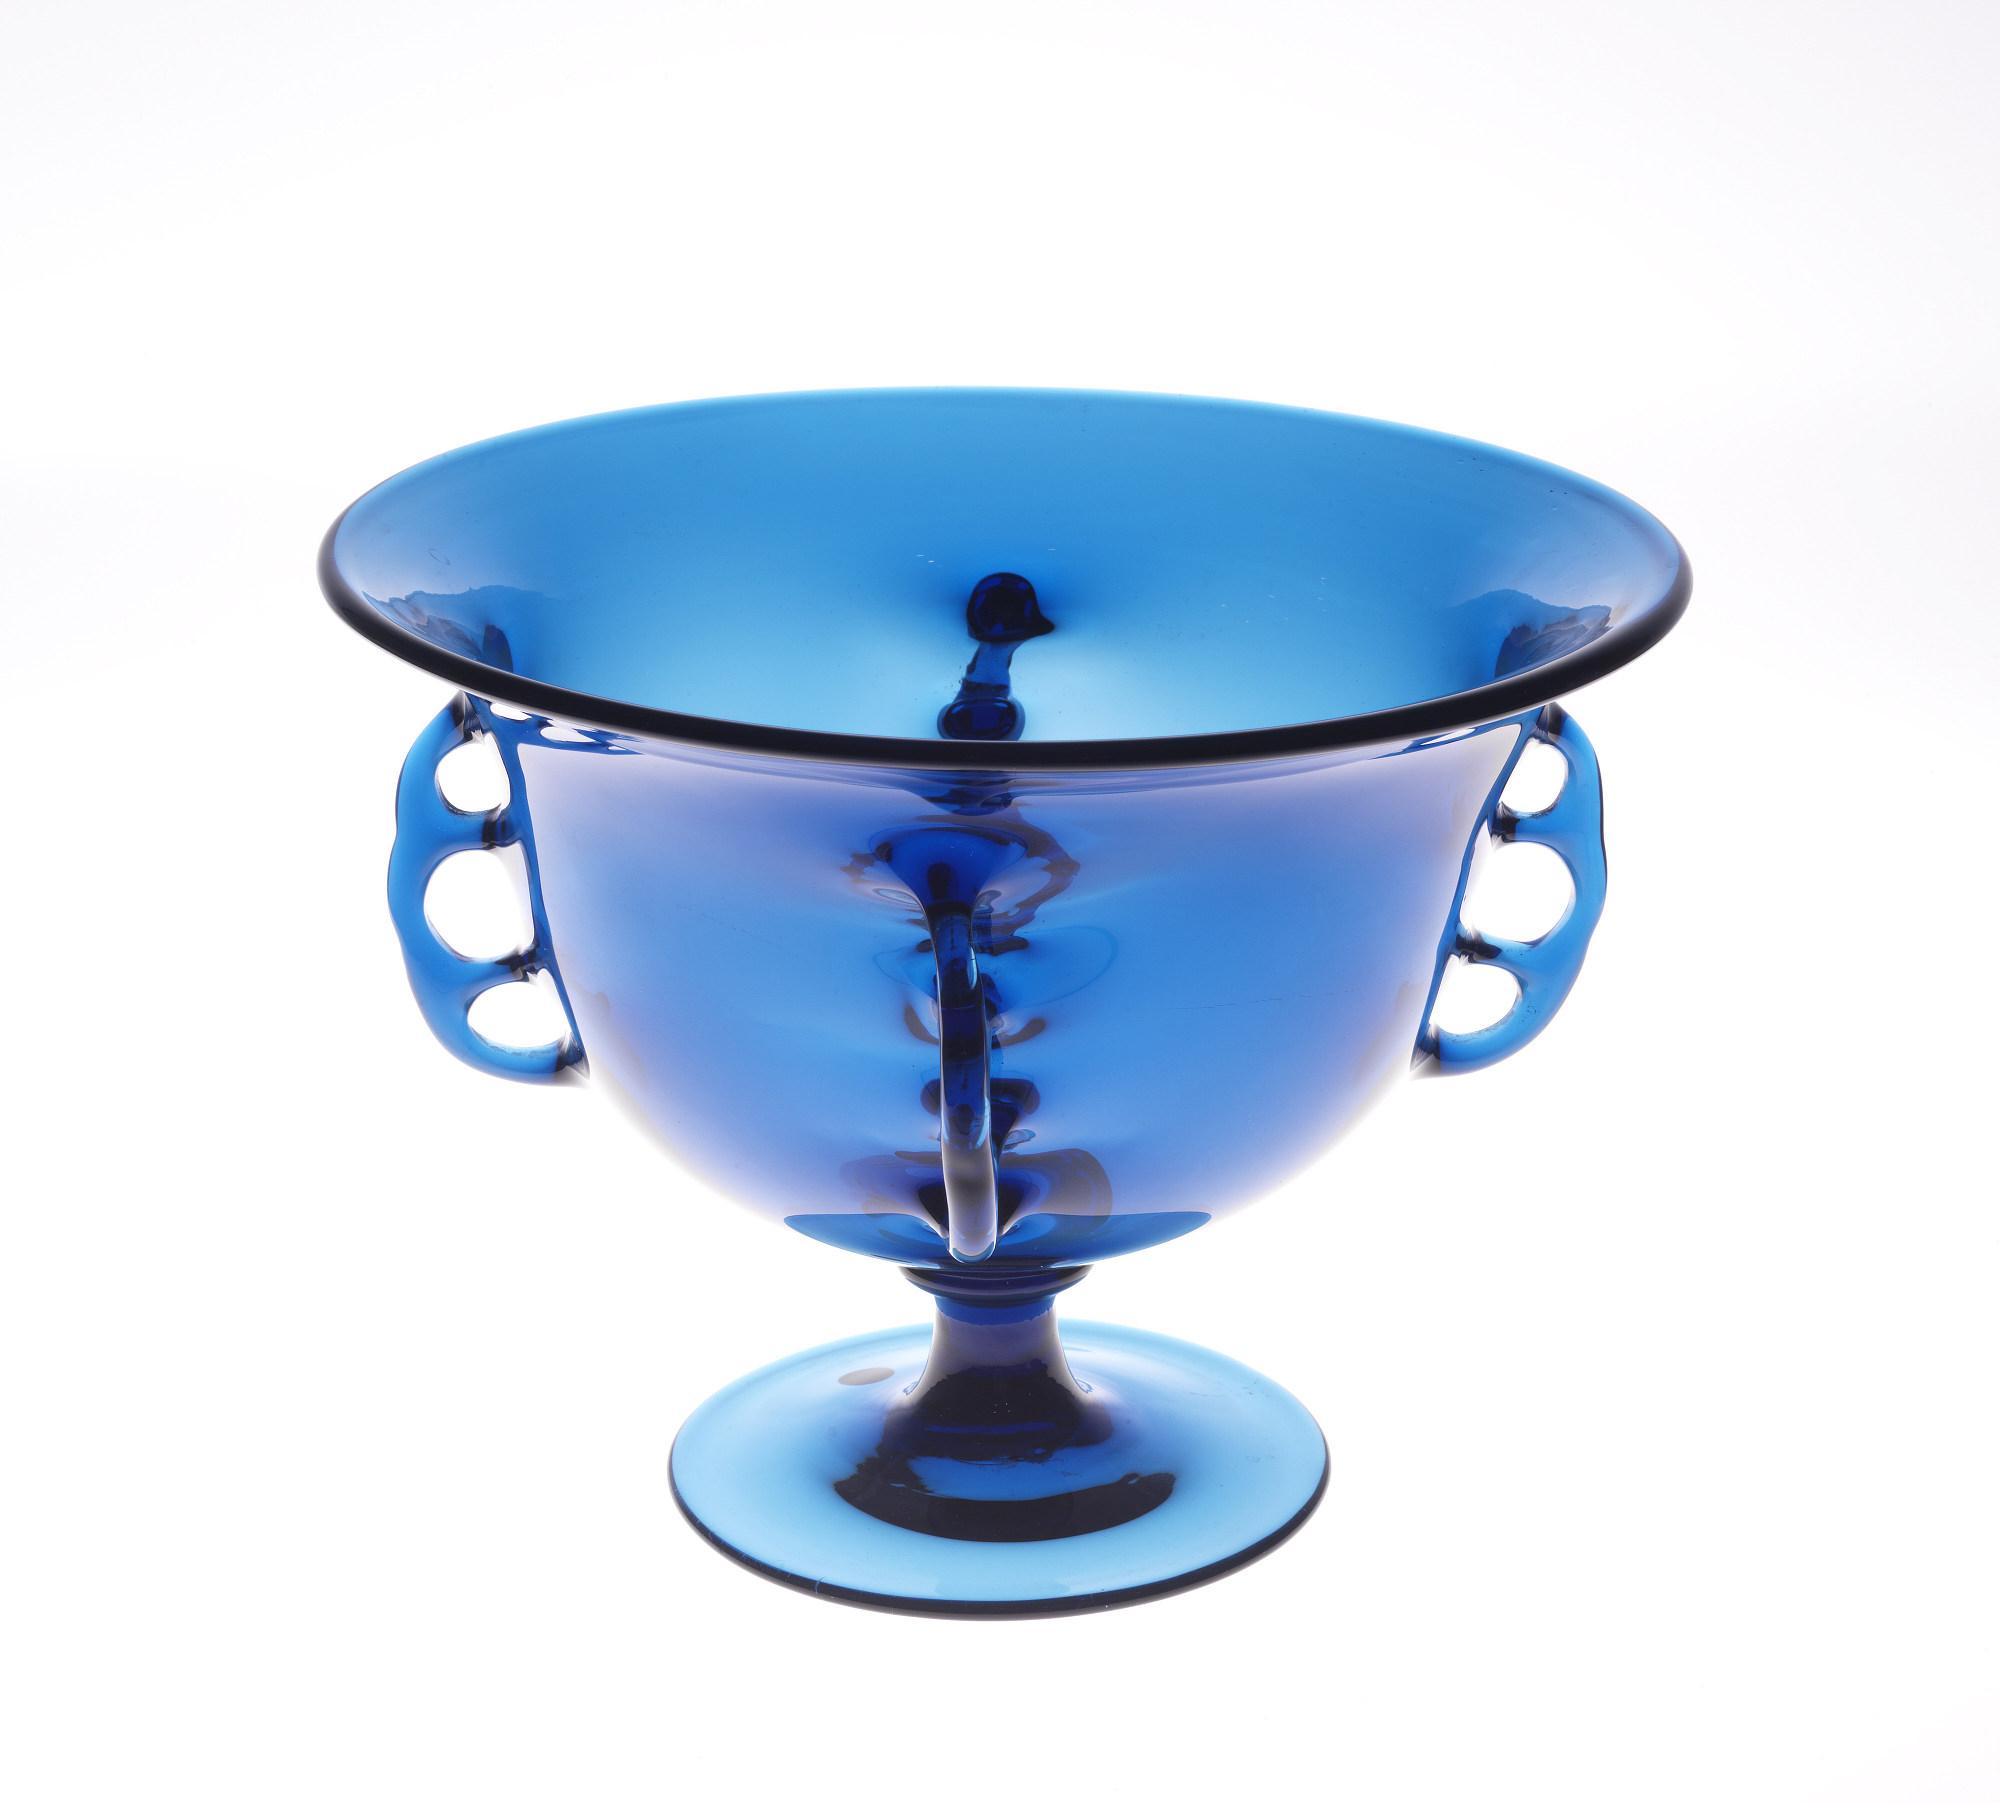 images for Cobalt blue